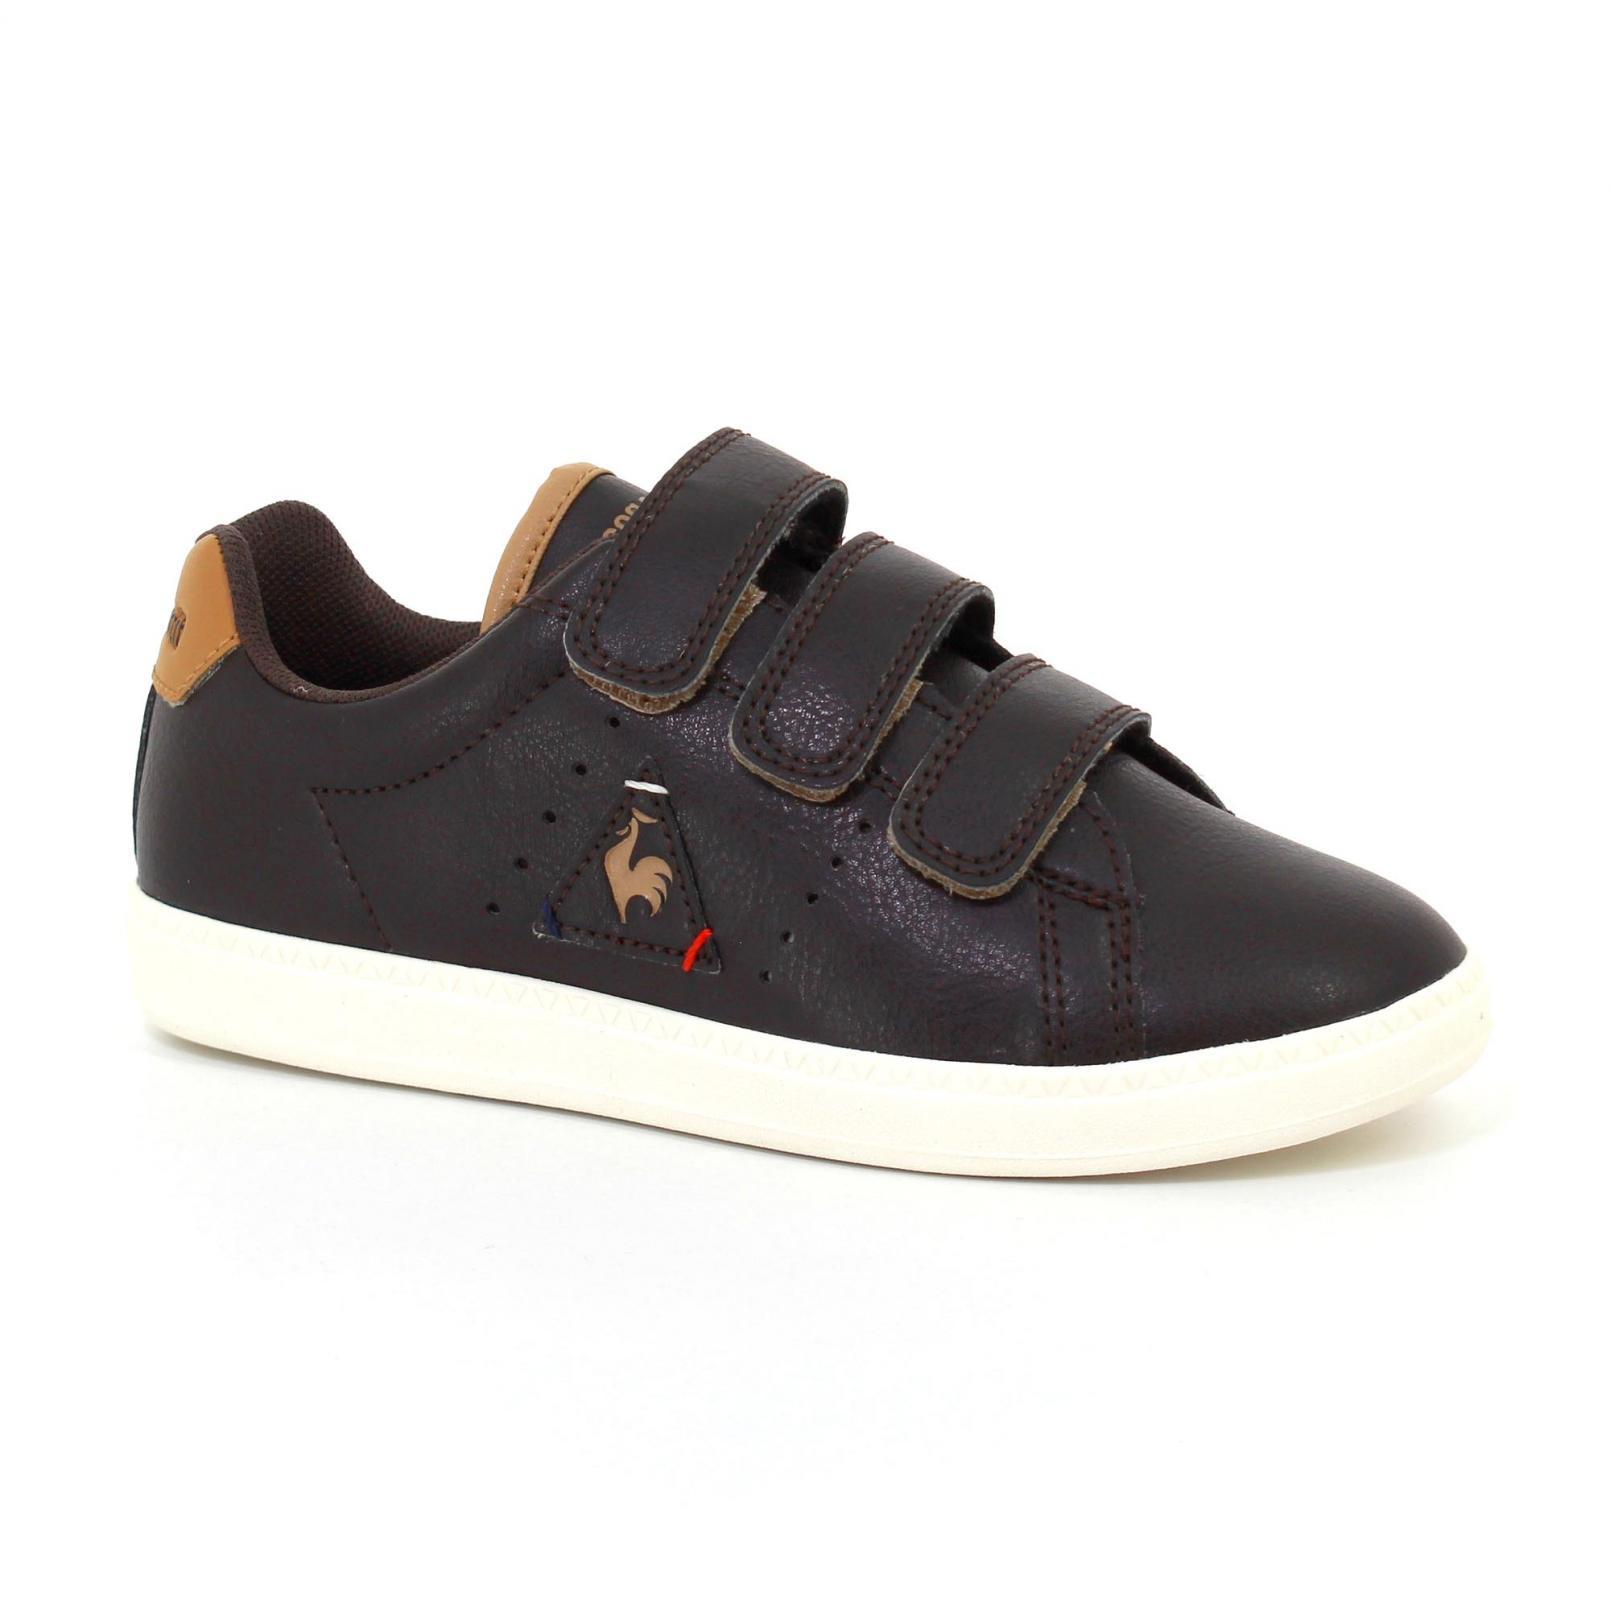 Shoes – Le Coq Sportif Courtone Ps S Lea Craft Brown